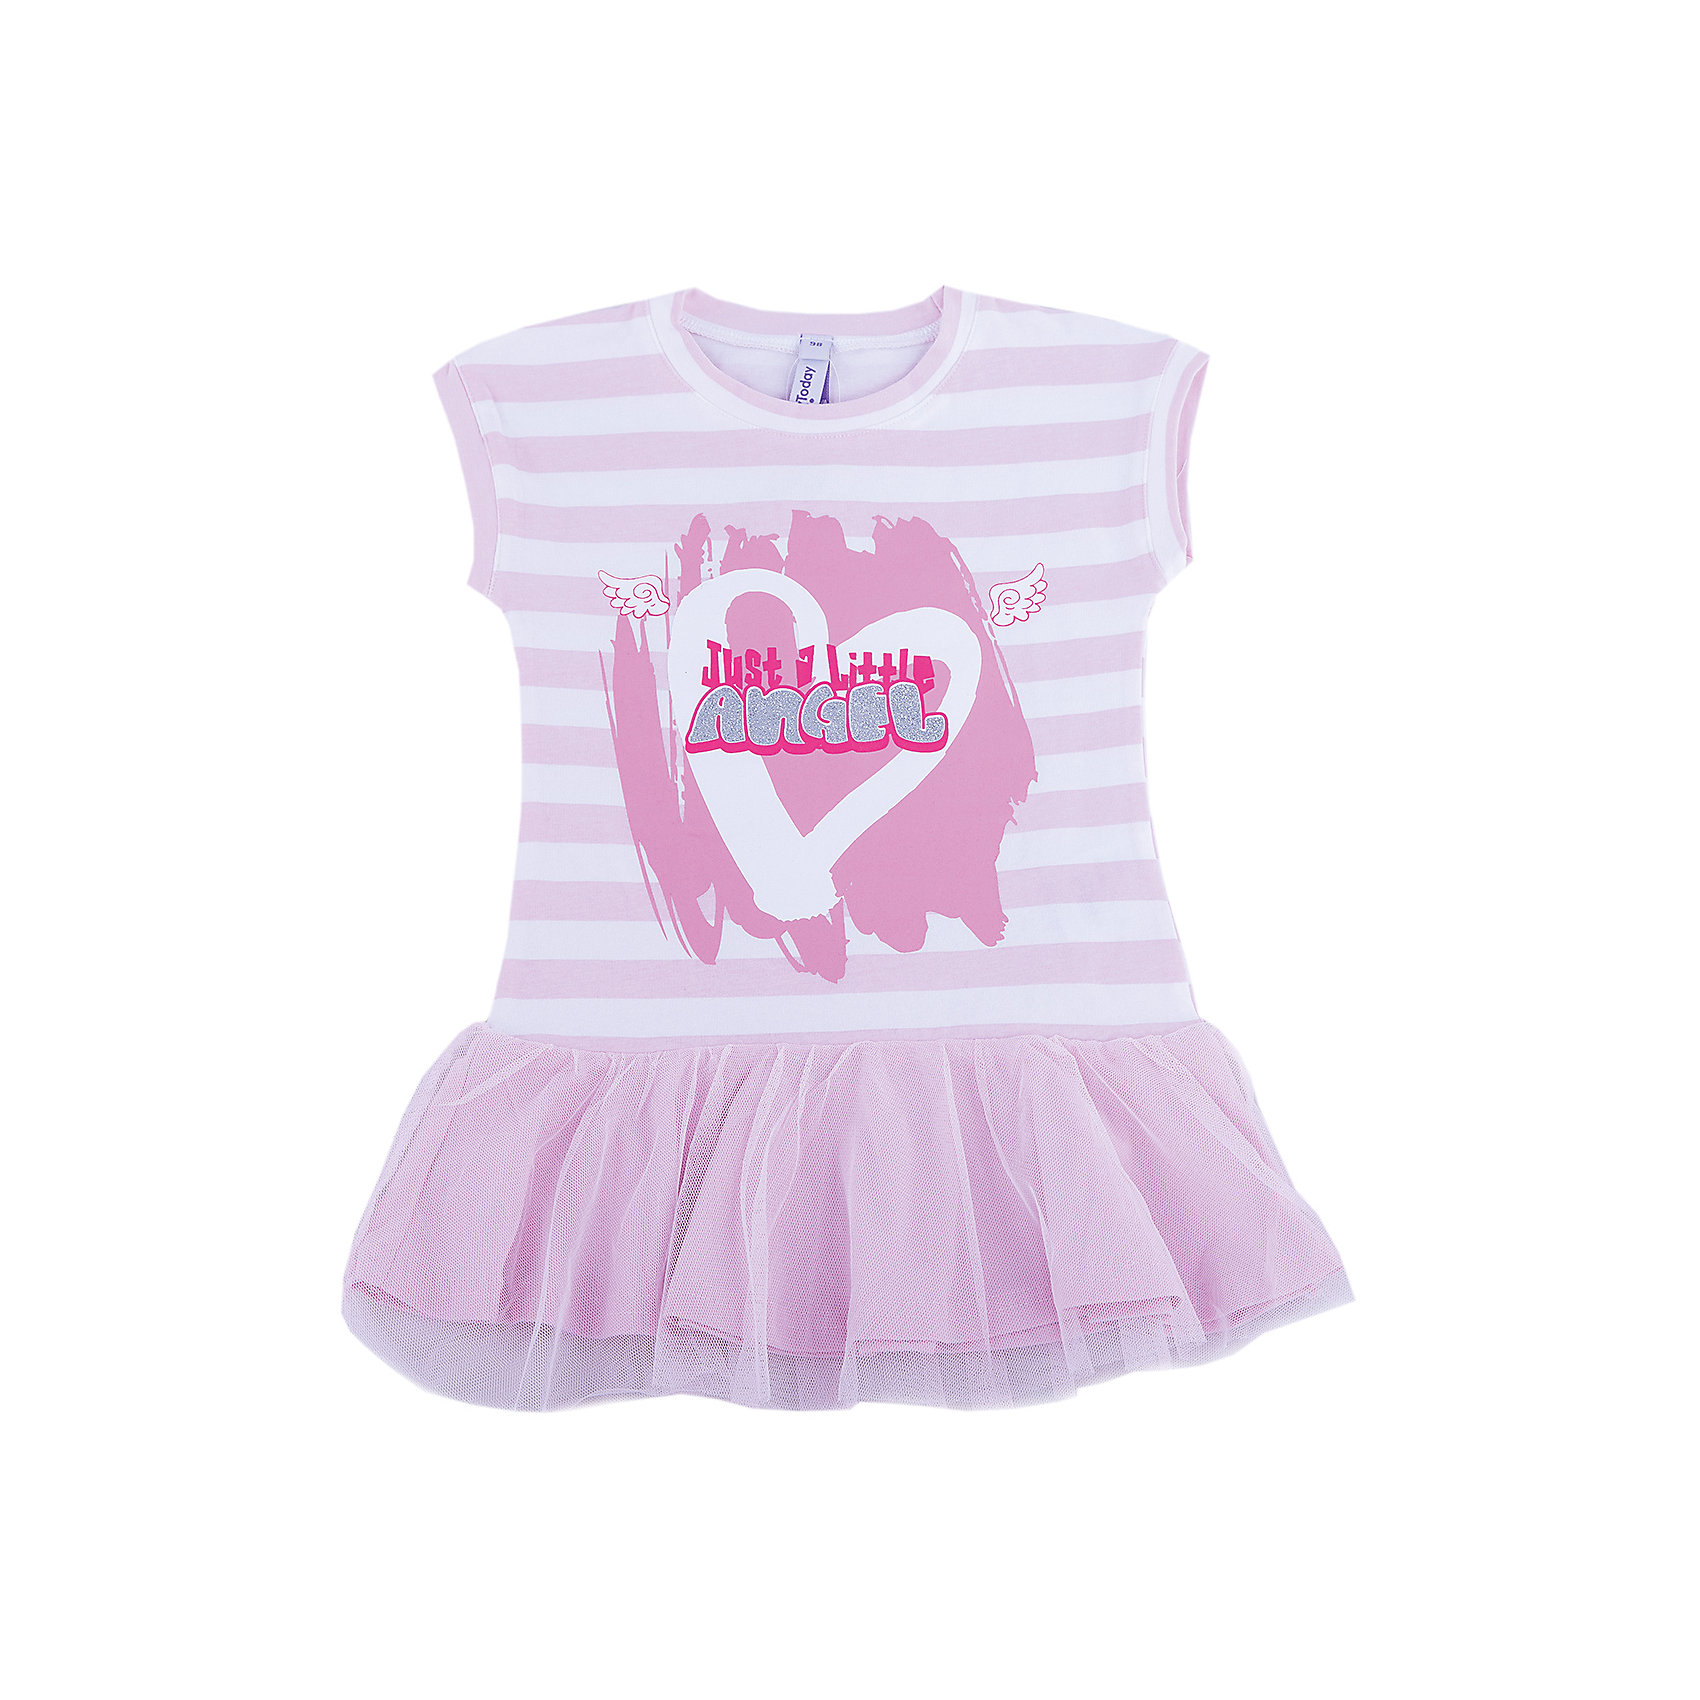 Платье для девочки PlayTodayПлатья и сарафаны<br>Платье для девочки PlayToday<br>Платье с округлым вырезом у горловины, понравится Вашей моднице.  Свободный крой не сковывает движений. Приятная на ощупь ткань не раздражает нежную кожу ребенка. Модель с заниженной юбкой, декорирована ярким принтомПреимущества: Мягкая ткань не вызывает раздраженийСвободный крой не сковывает движений ребенкаМодель с заниженной юбкой<br>Состав:<br>95% хлопок, 5% эластан<br><br>Ширина мм: 236<br>Глубина мм: 16<br>Высота мм: 184<br>Вес г: 177<br>Цвет: разноцветный<br>Возраст от месяцев: 108<br>Возраст до месяцев: 120<br>Пол: Женский<br>Возраст: Детский<br>Размер: 140,98,104,110,116,122,128,134<br>SKU: 5404875